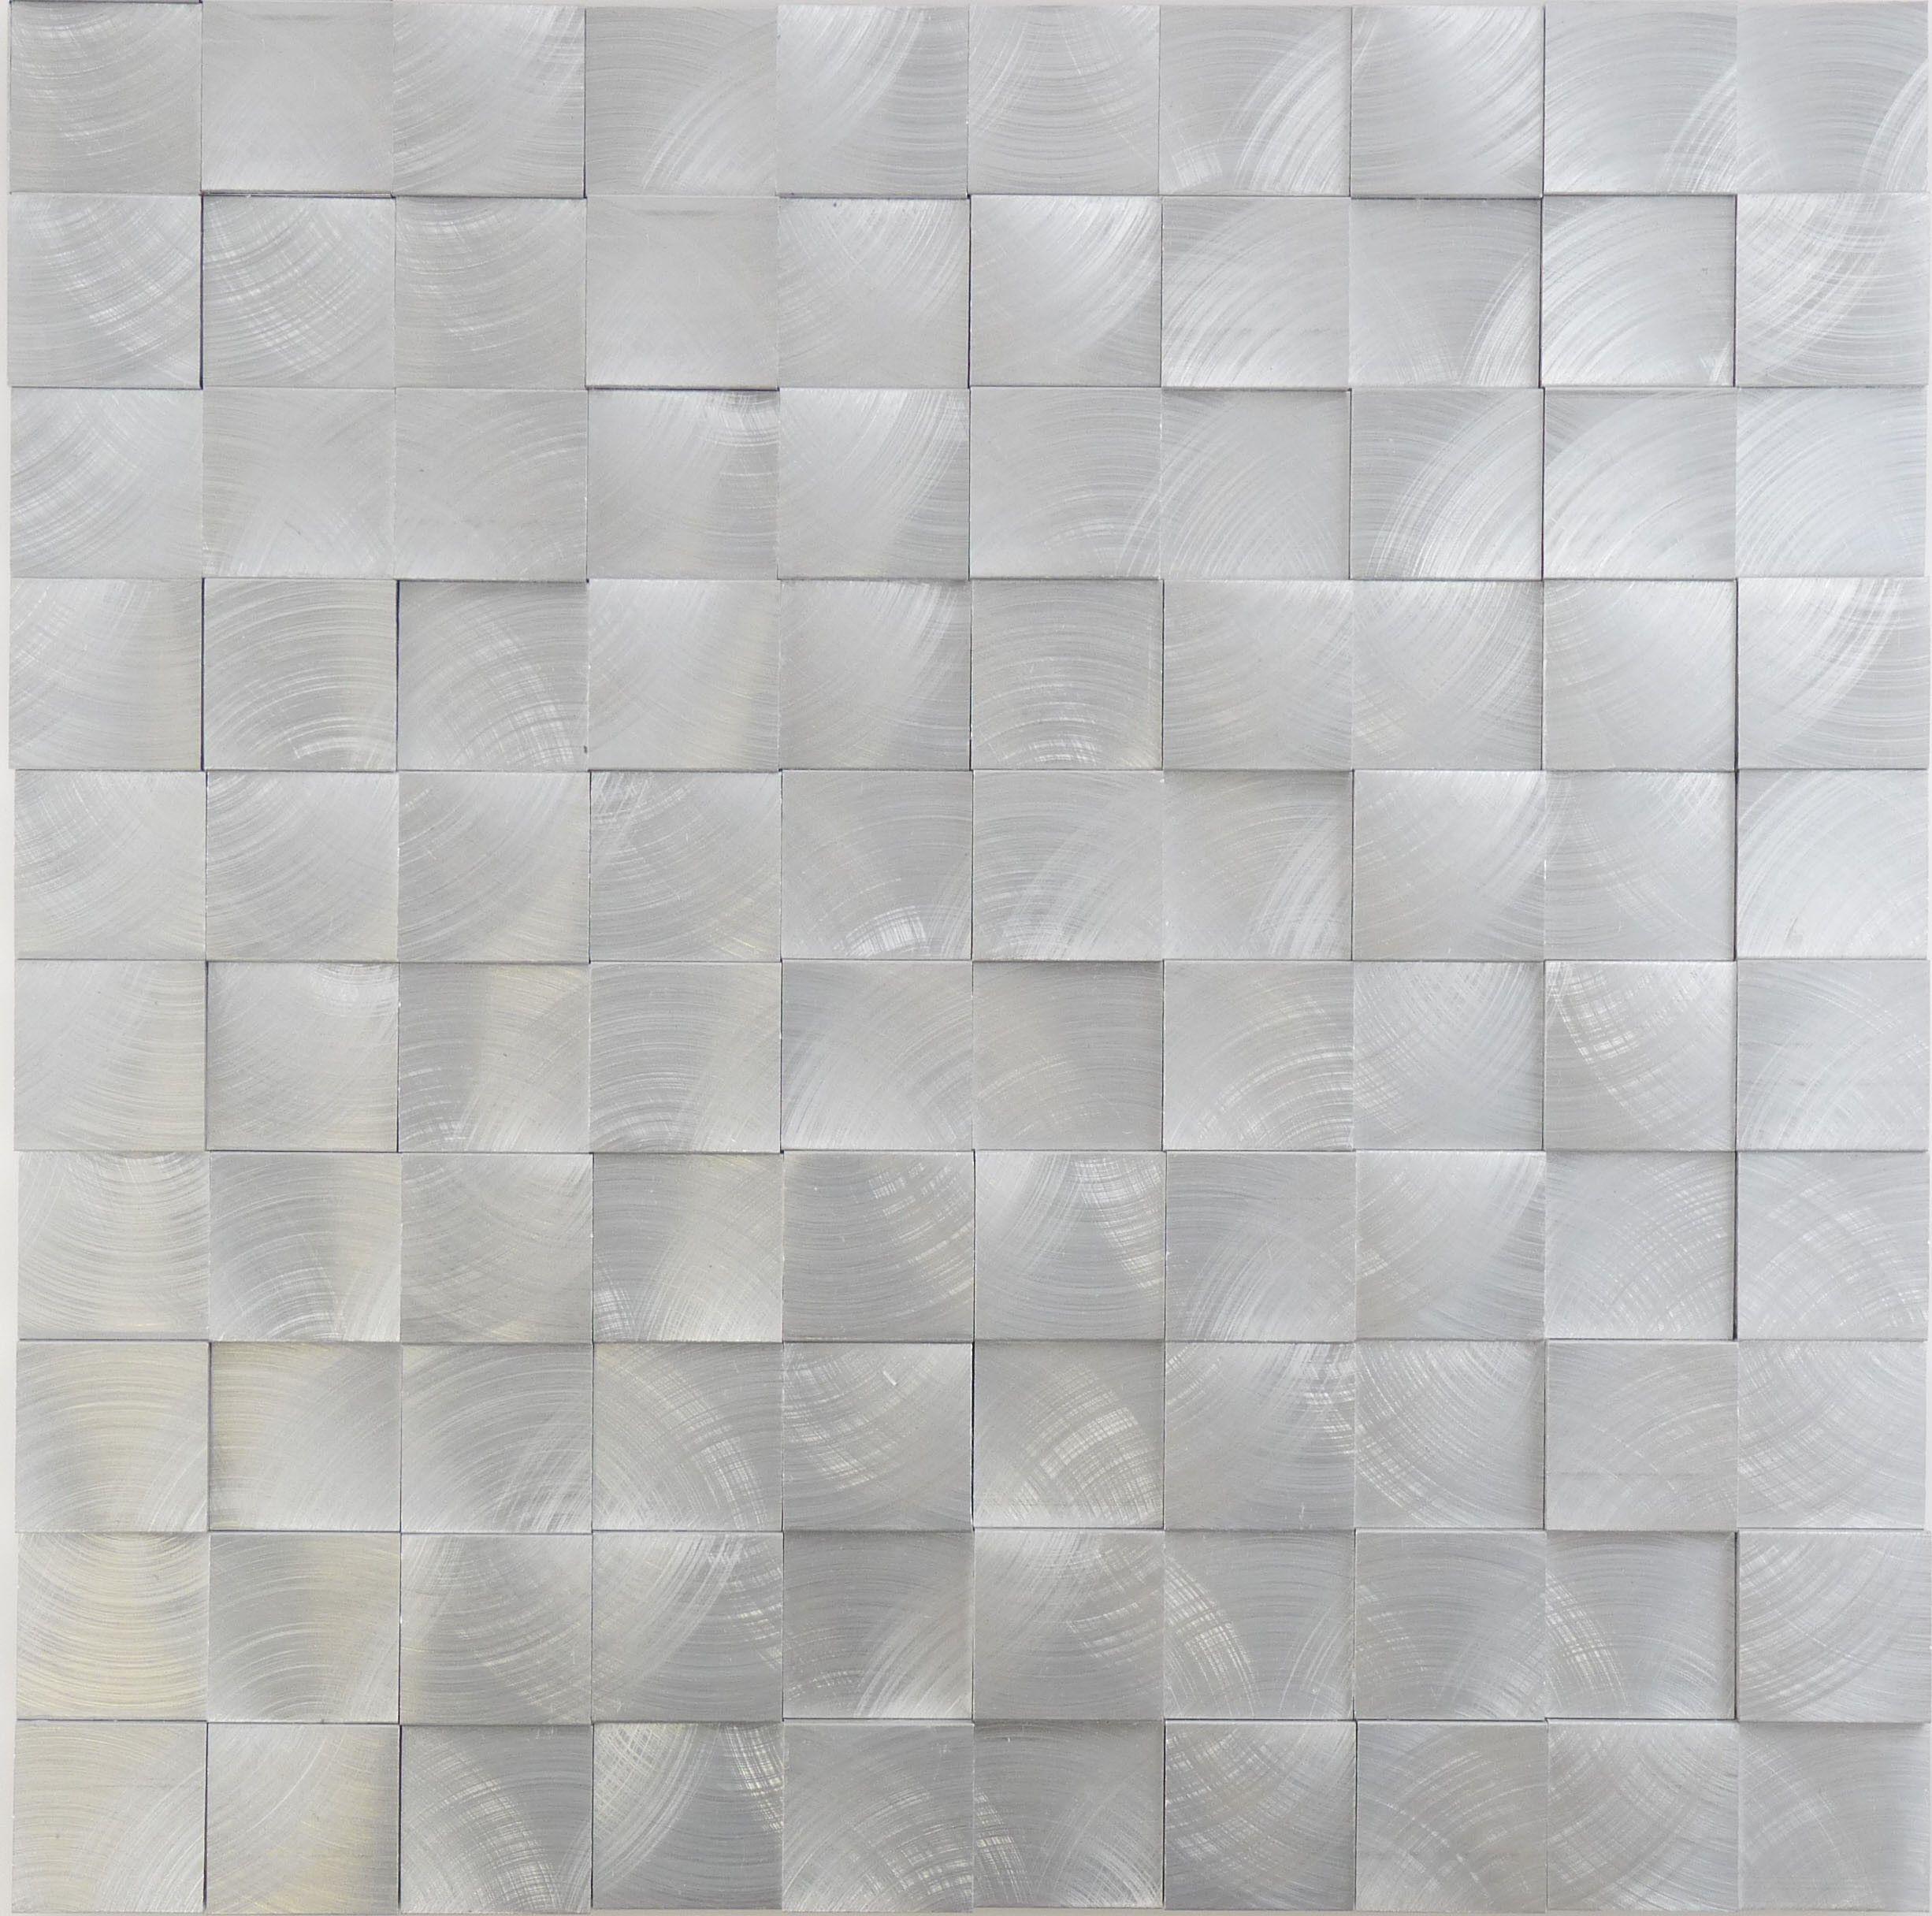 Sheet Size 11 7 X2f 8 Quot X 11 7 X2f 8 Quot Tile Size 1 1 X2f 8 Quot X 1 1 X2f 8 Quot Tiles Per Sheet Tiles Metal Tile Stainless Steel Tile